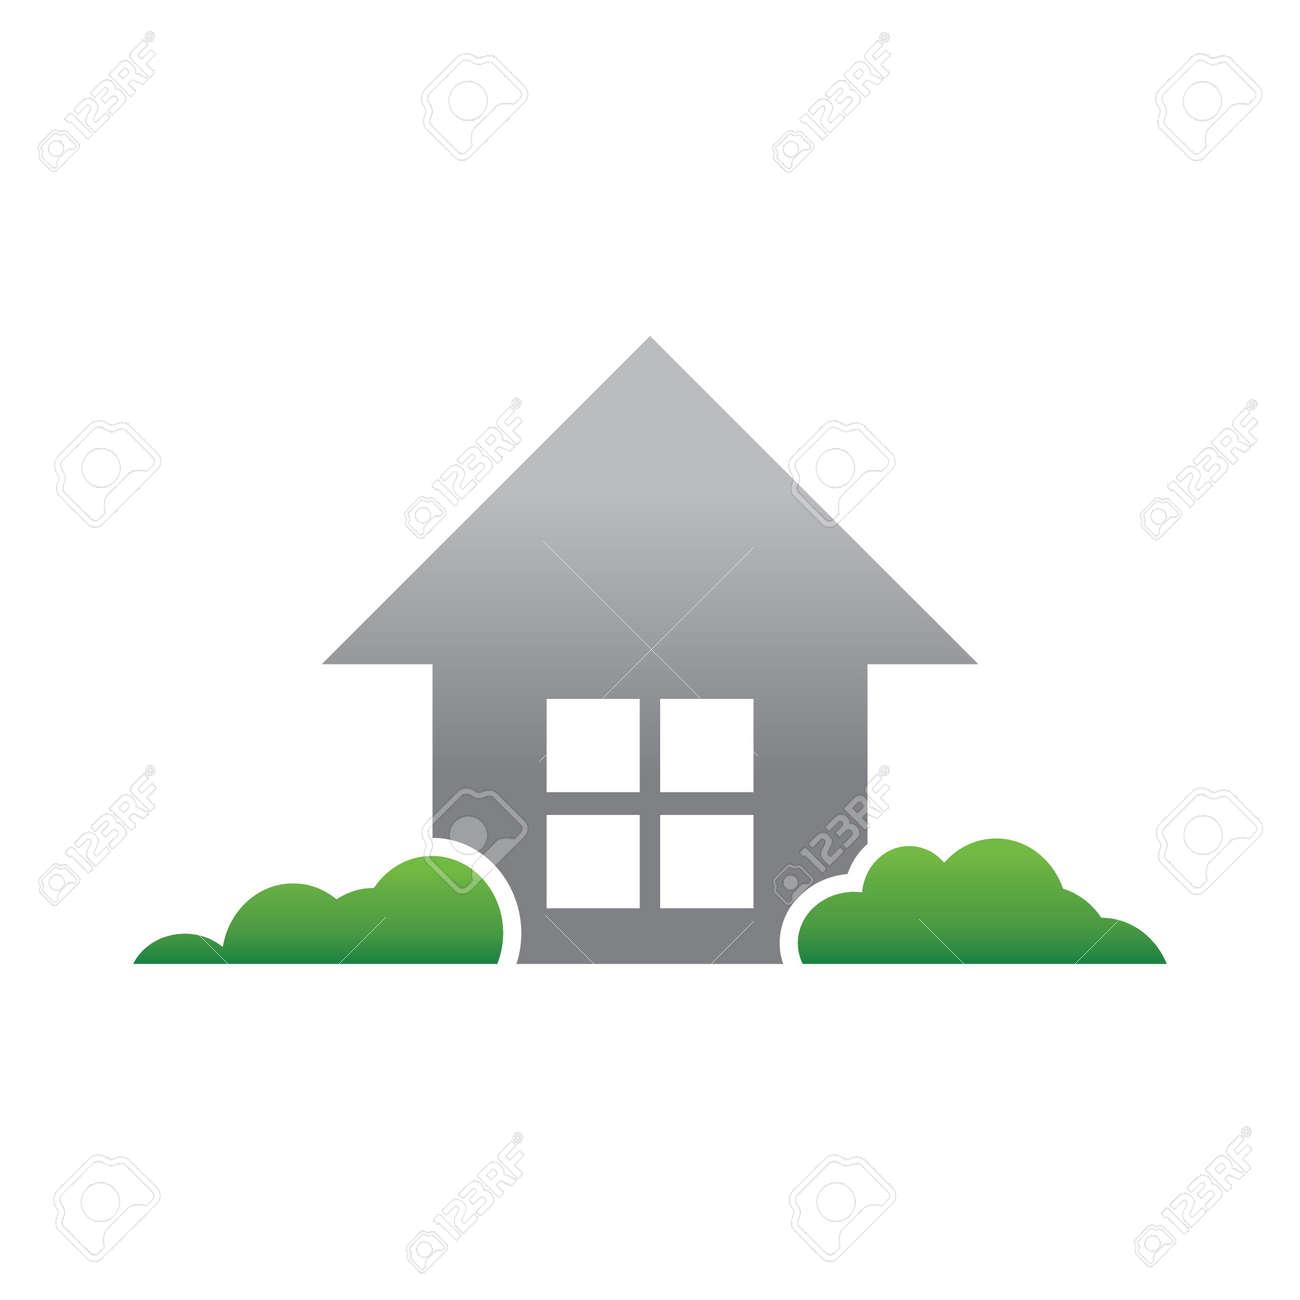 simple house green garden logo template stock vector 48293594